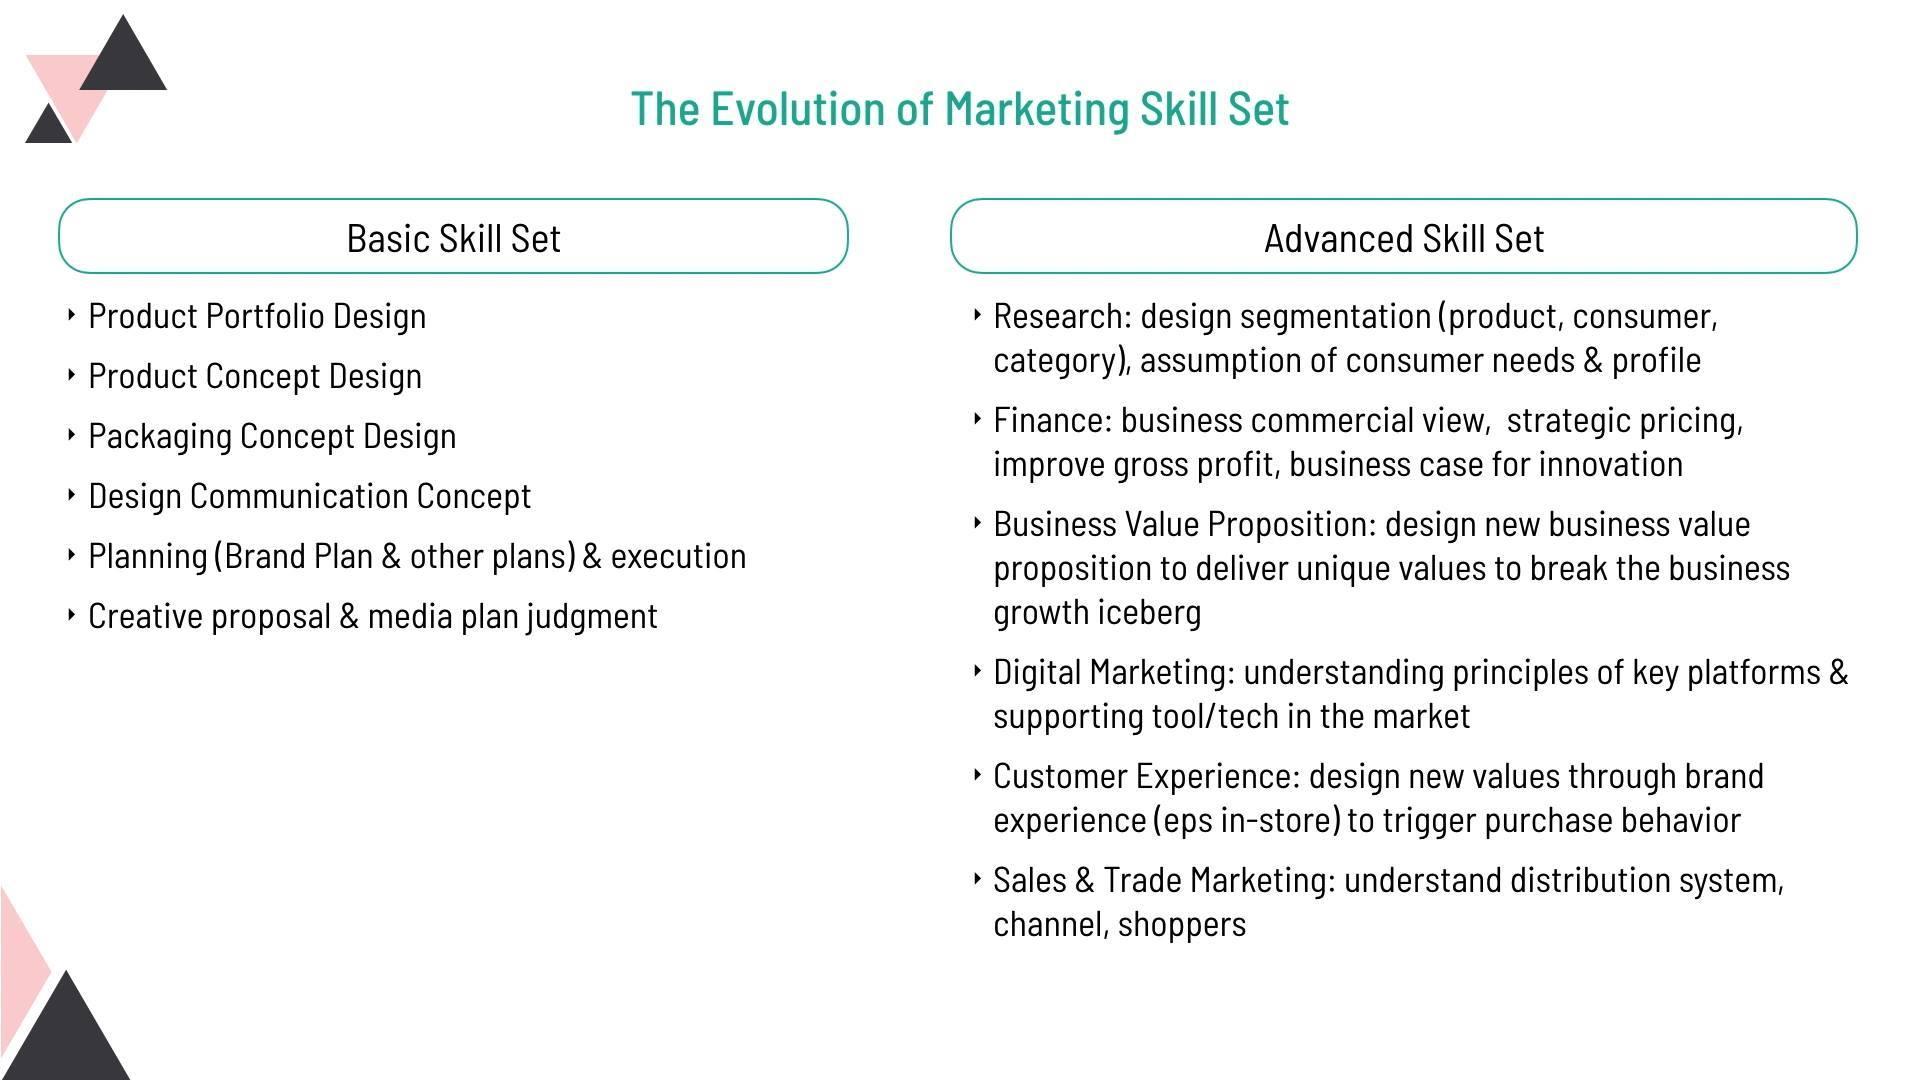 Bộ kỹ năng Marketer cần nâng cấp để hướng tới tương lai 25